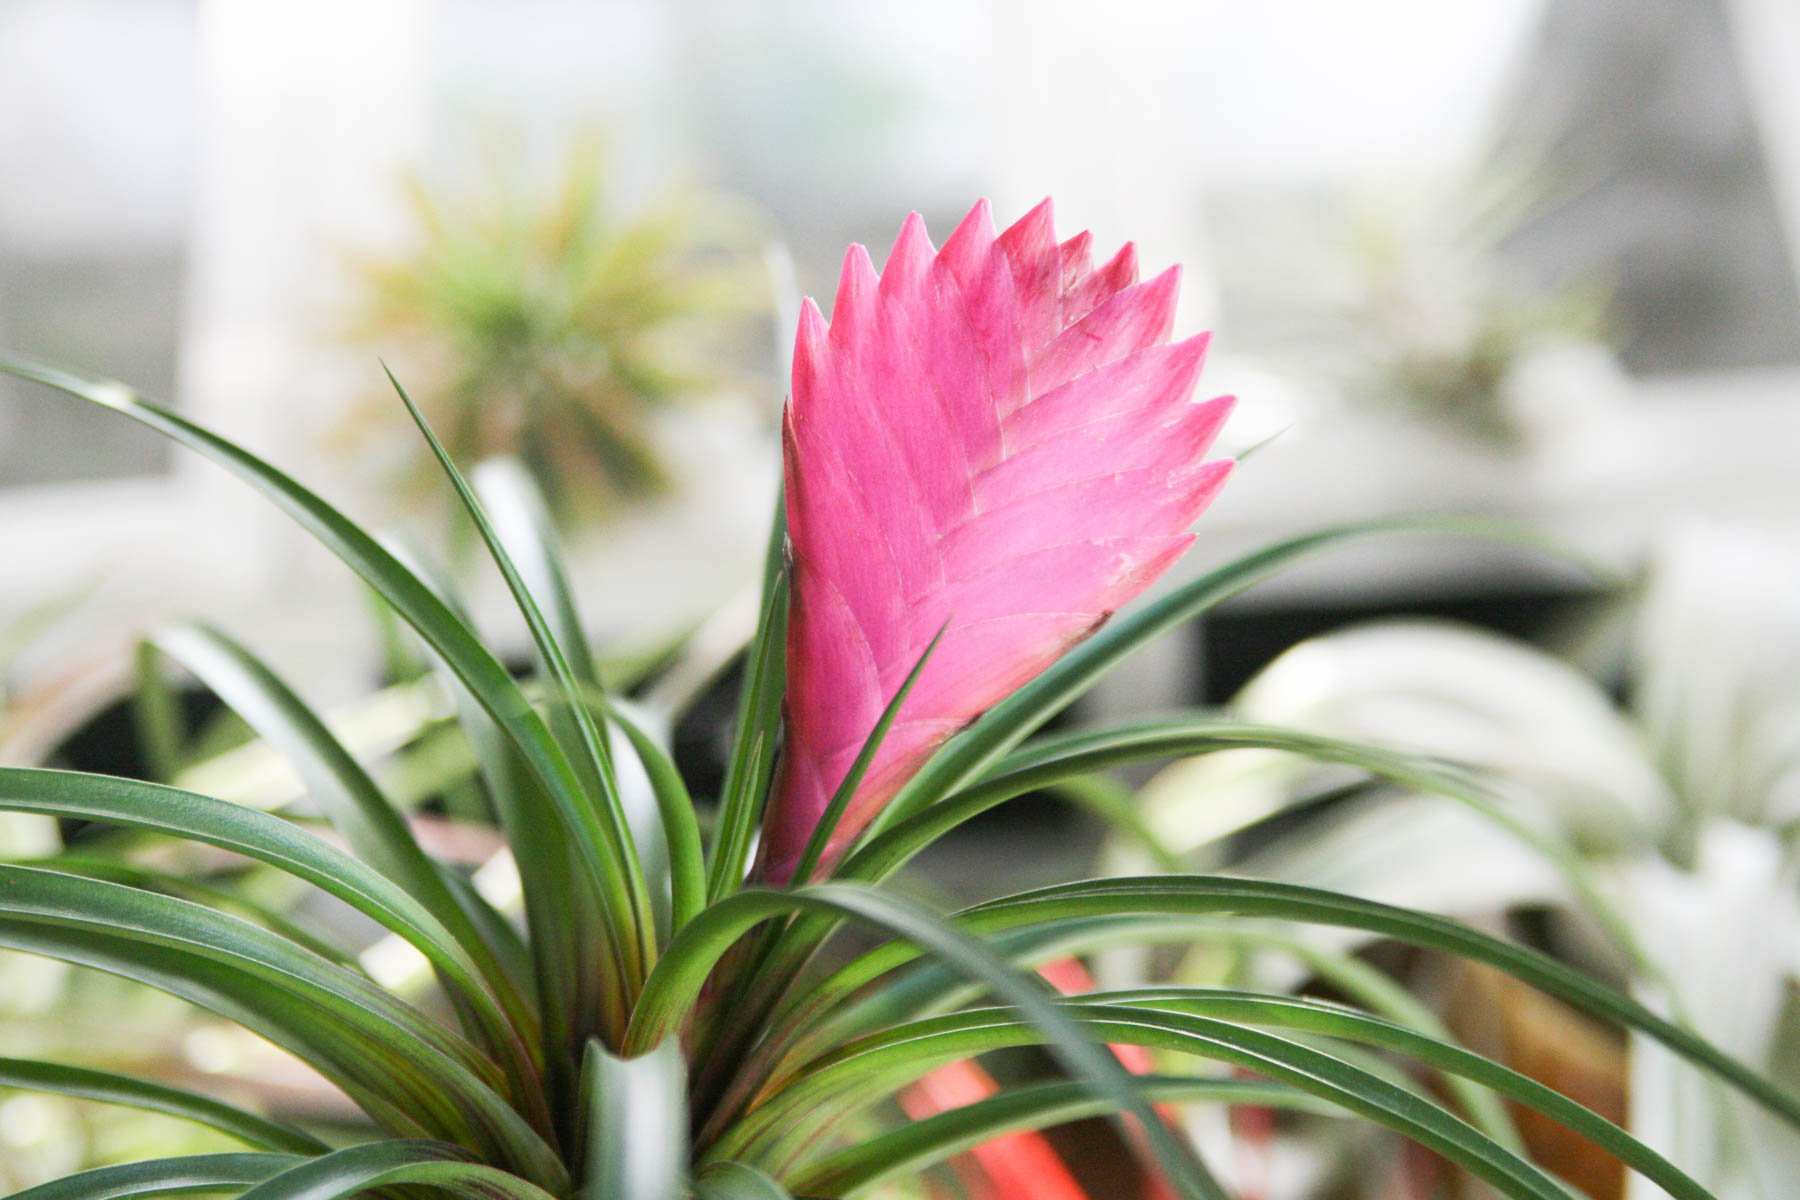 цветок тилландсия фото ознакомиться